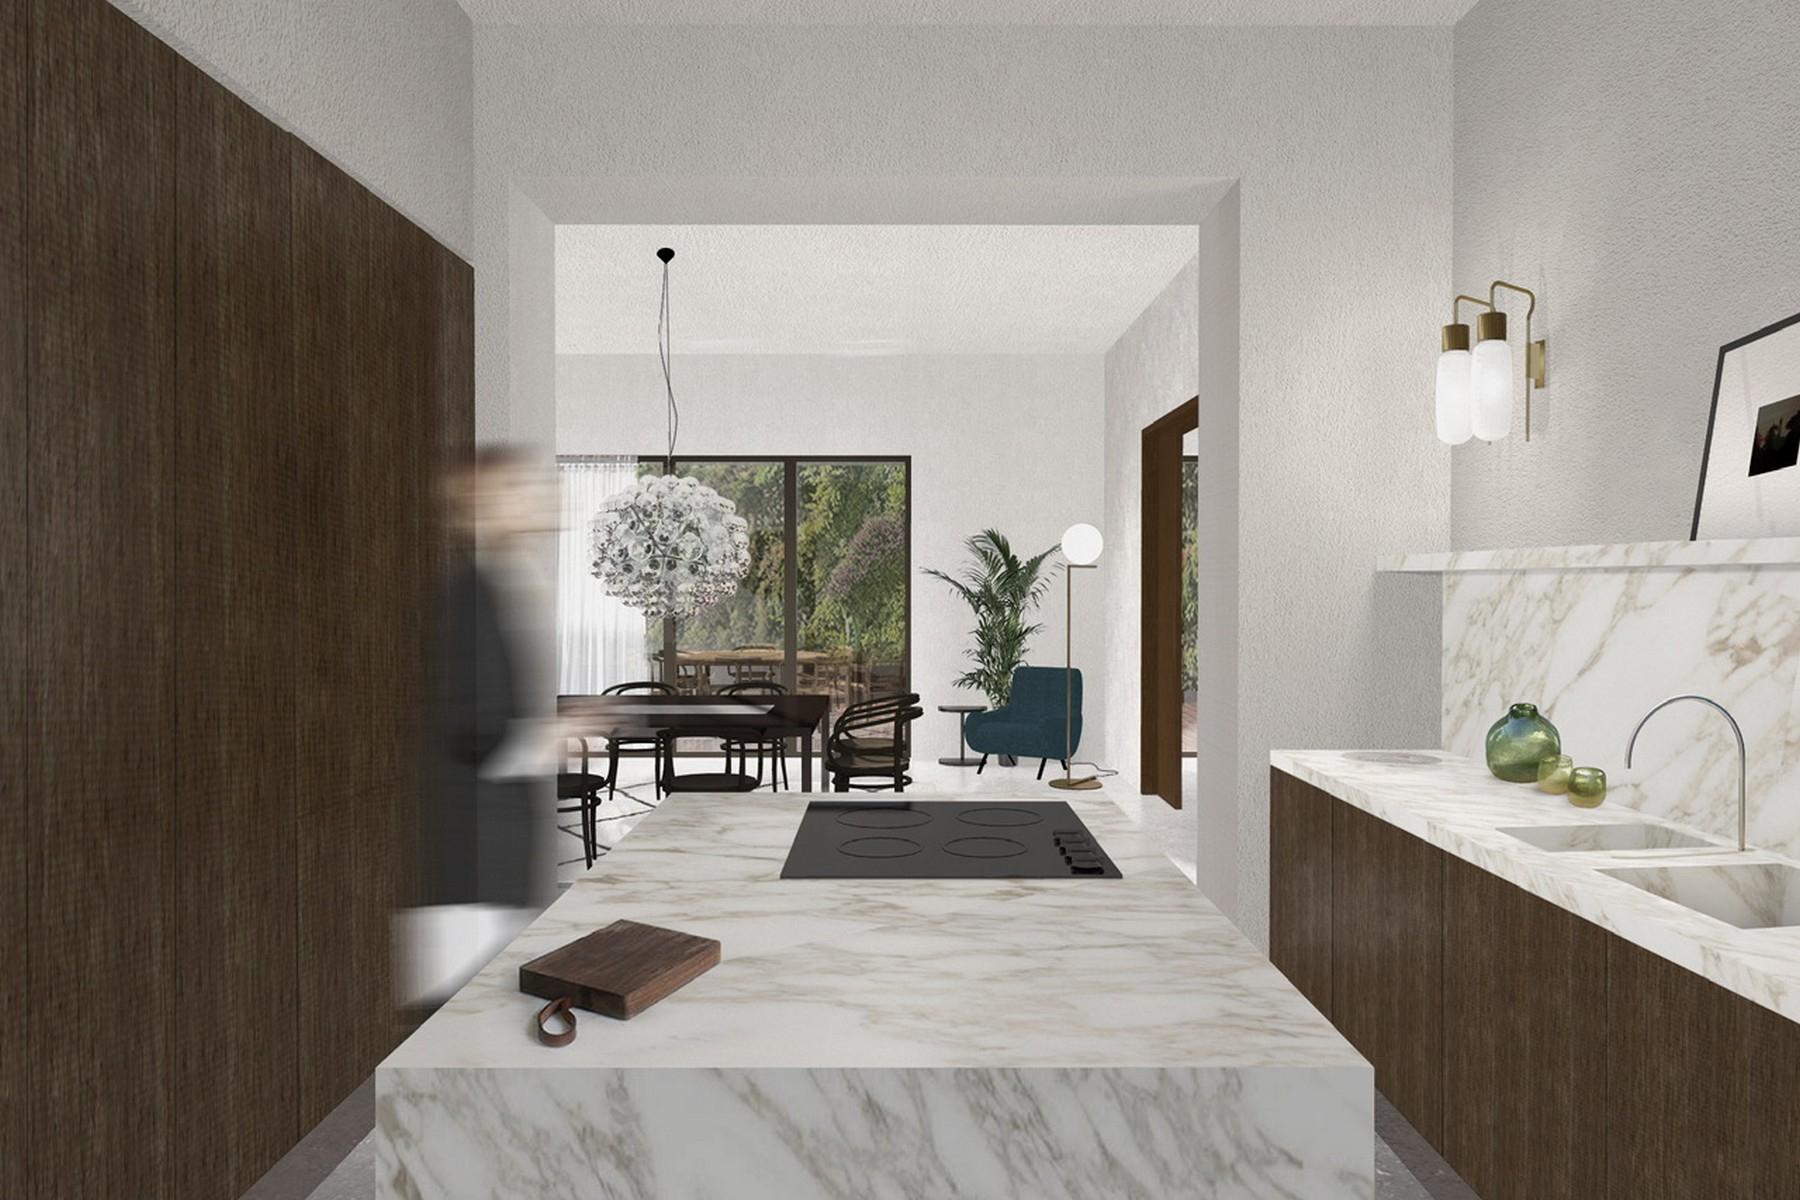 Elegante proprietà semi indipendente di ampia metratura con giardino privato - 5